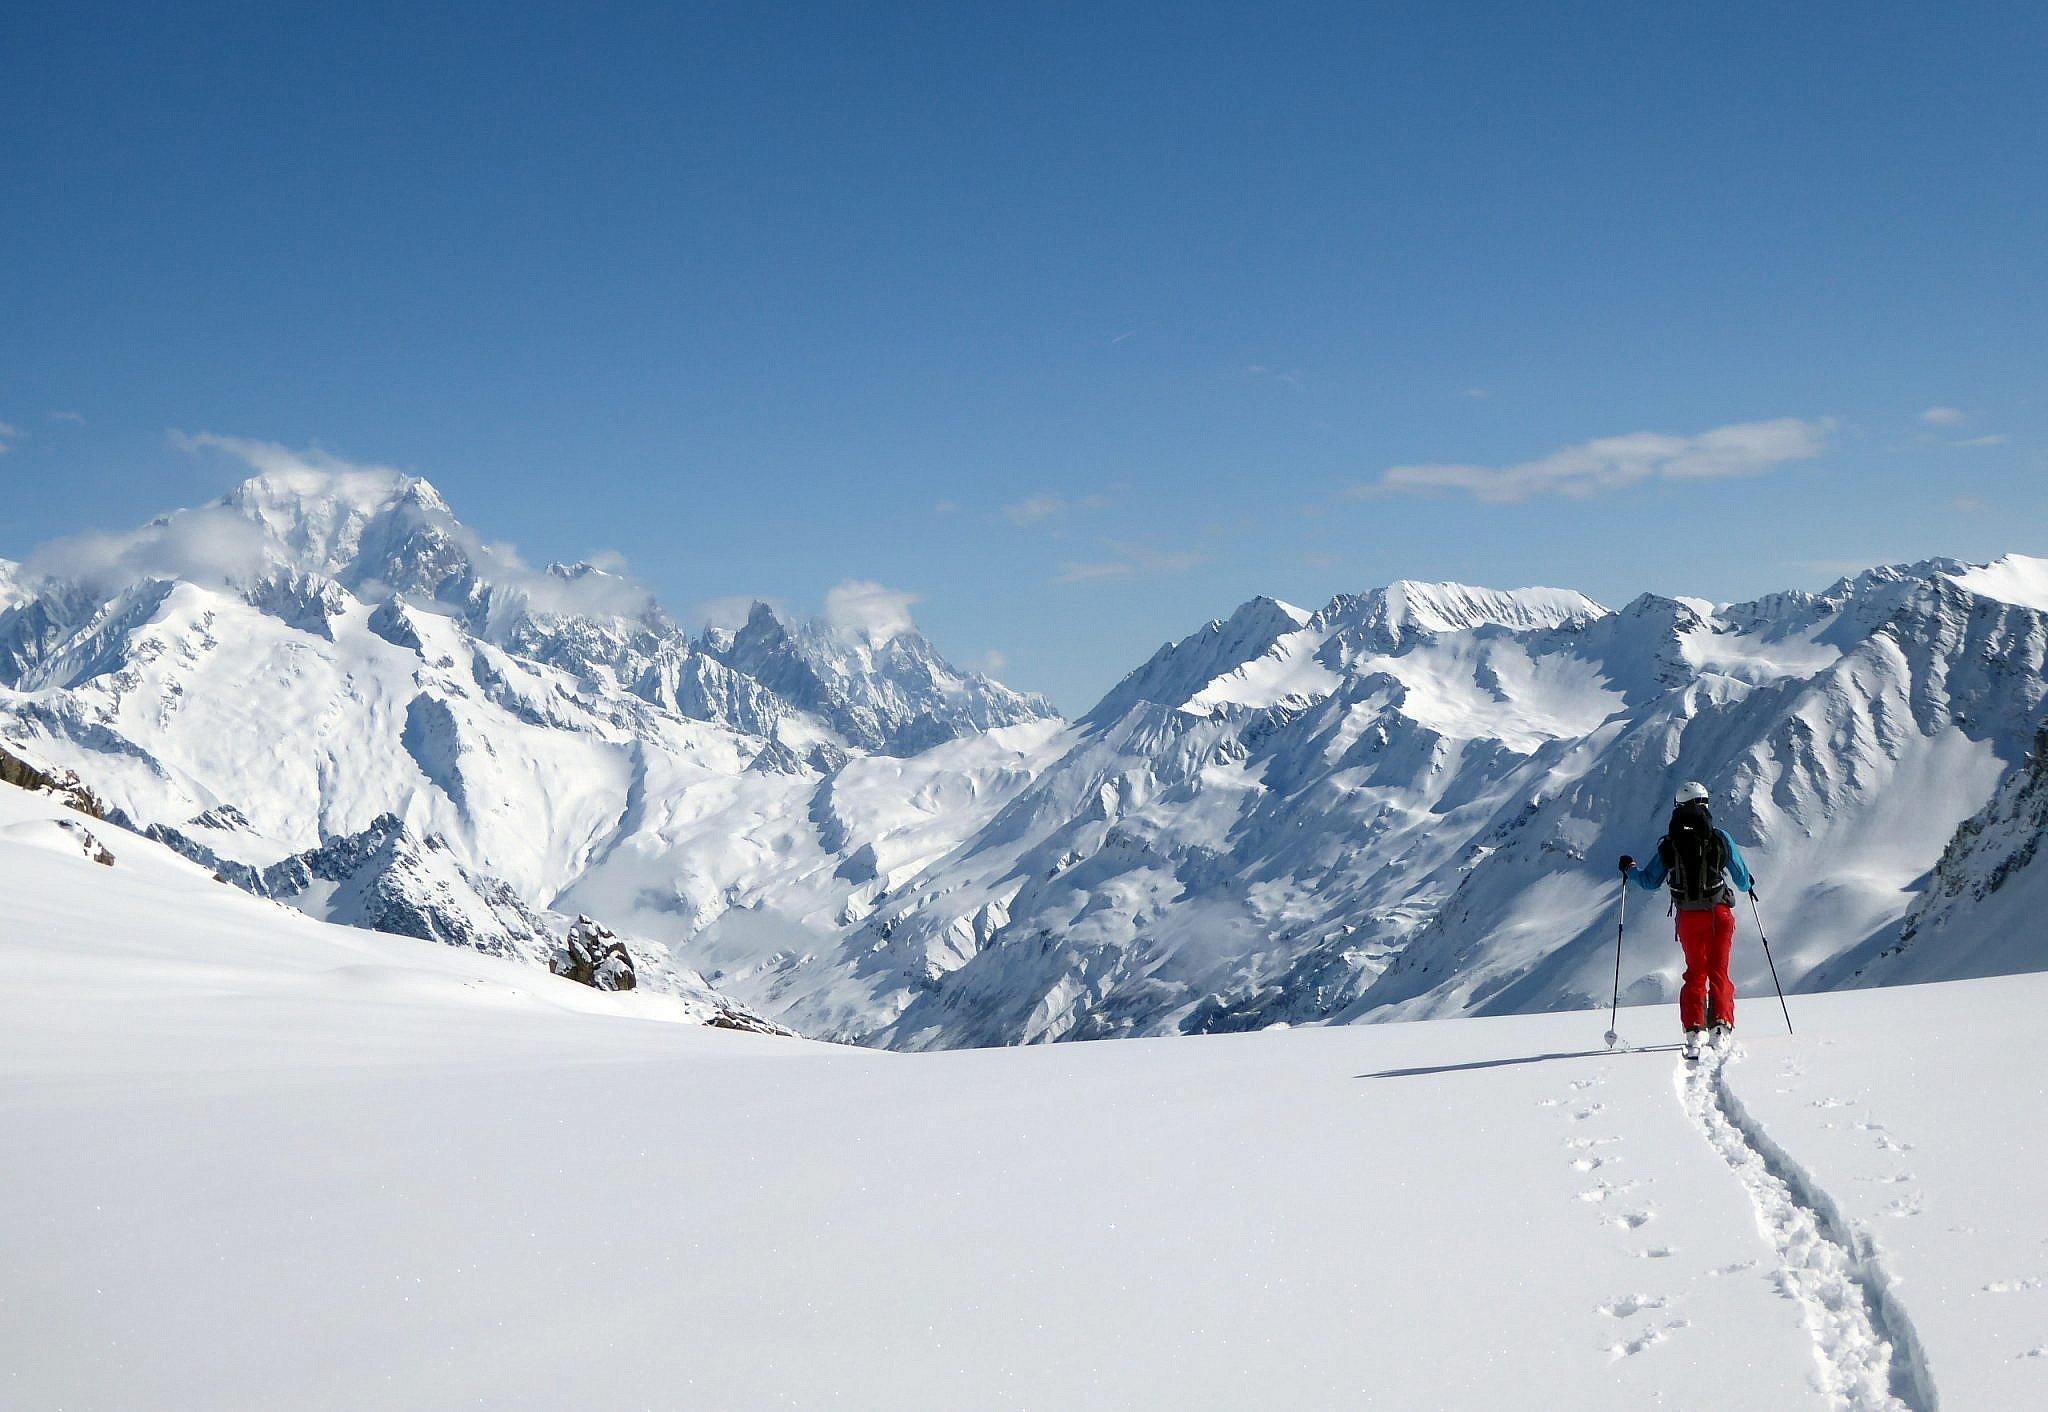 The Col du Grand Fond